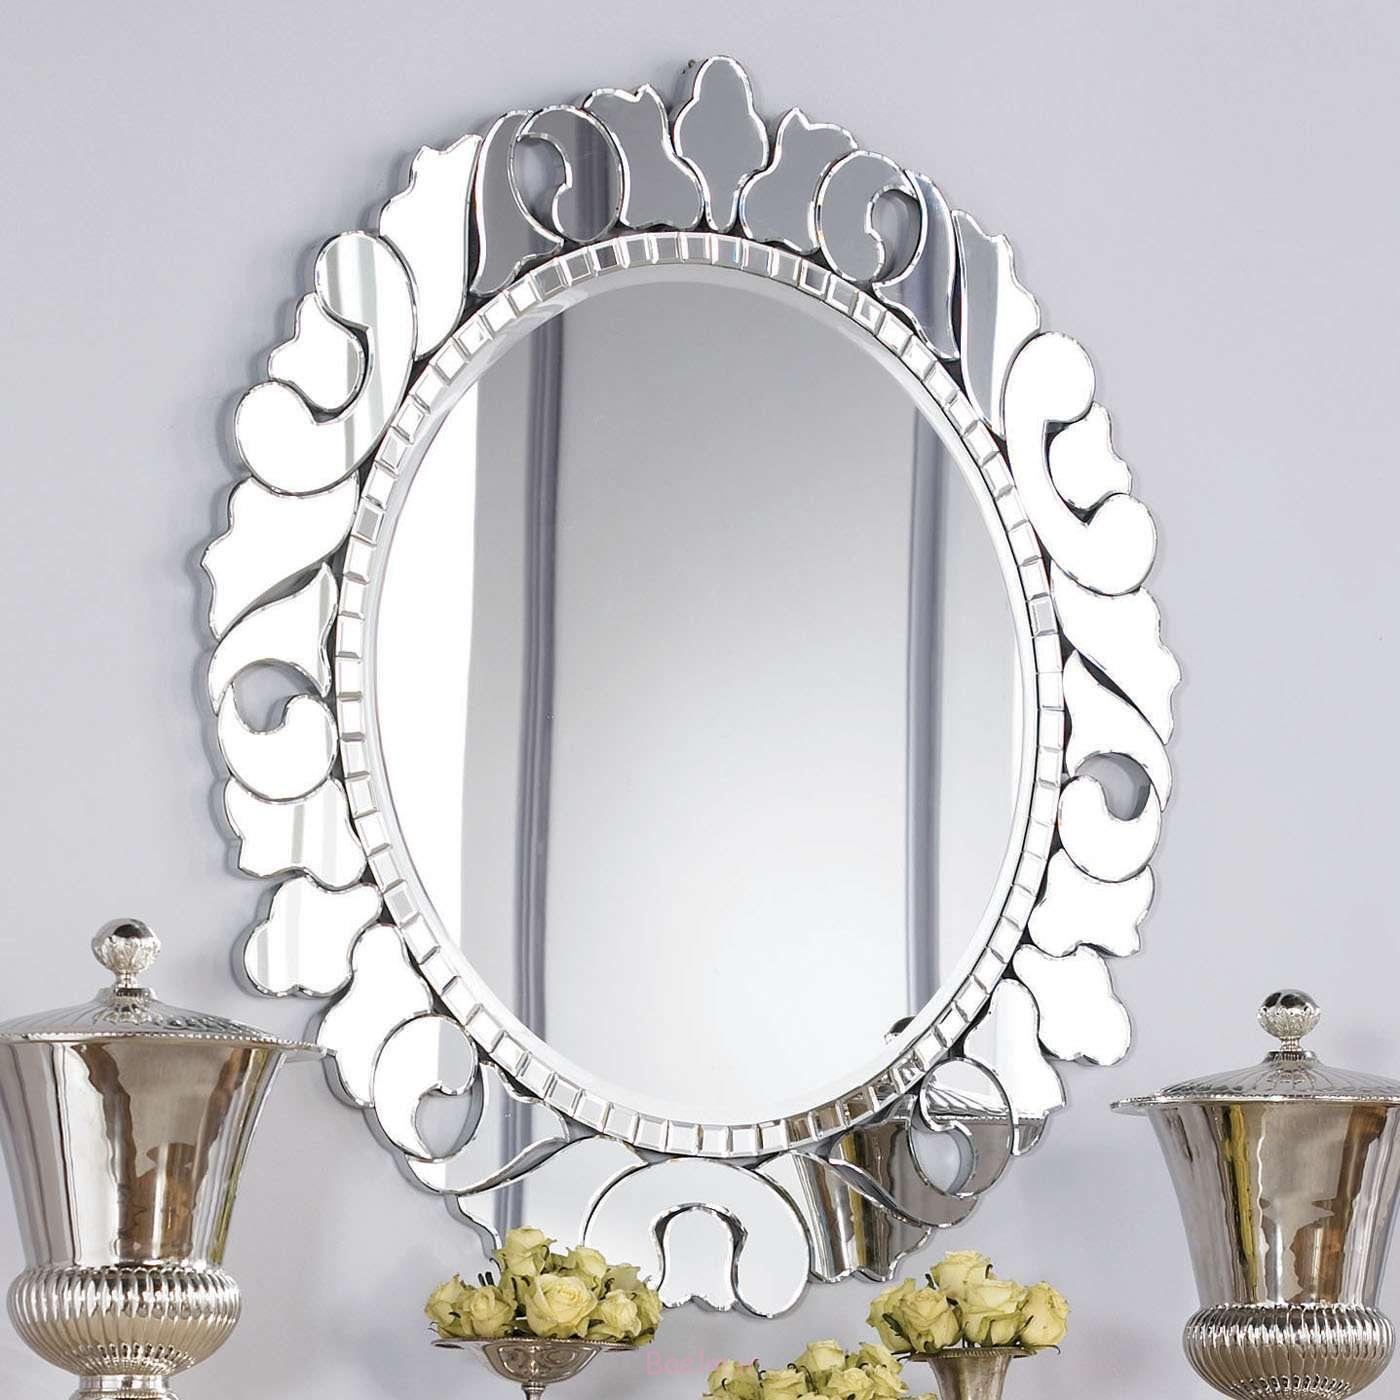 1 stylish Beautiful Decorative Mirrors